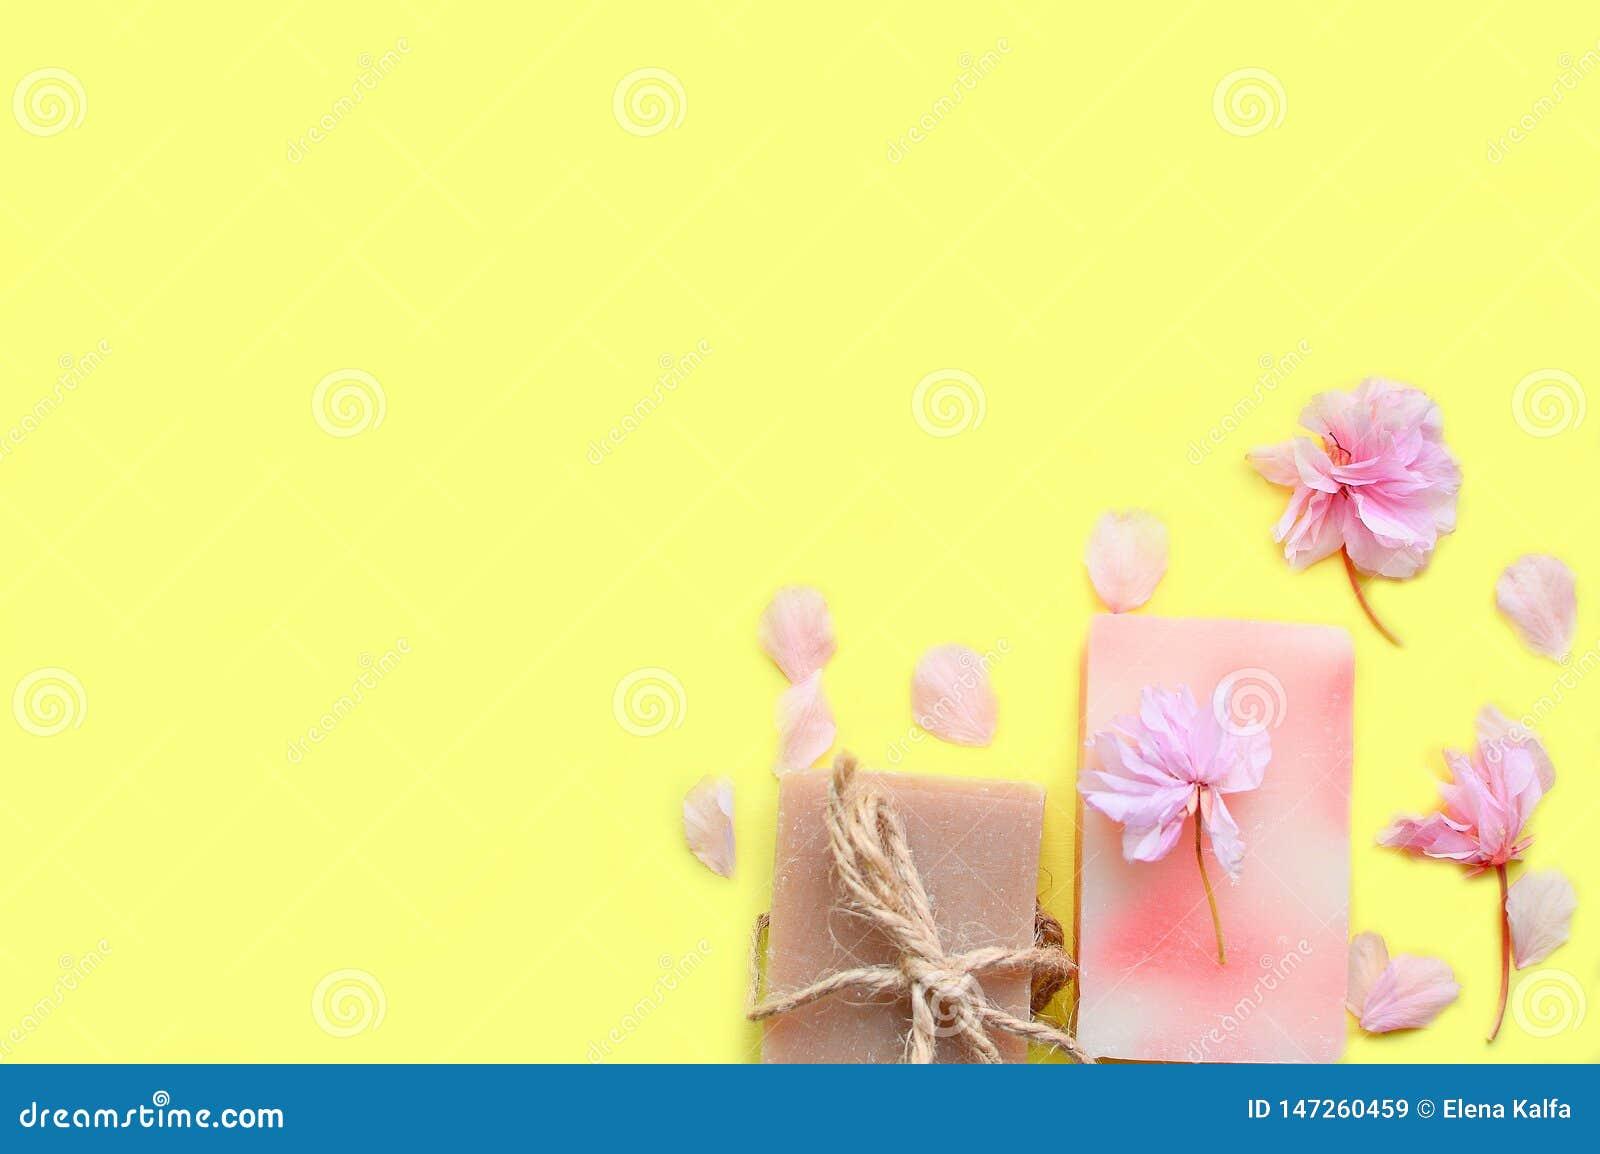 Χειροποίητο σαπούνι σε ένα κίτρινο υπόβαθρο, πέταλα λουλουδιών Διάστημα για ένα κείμενο